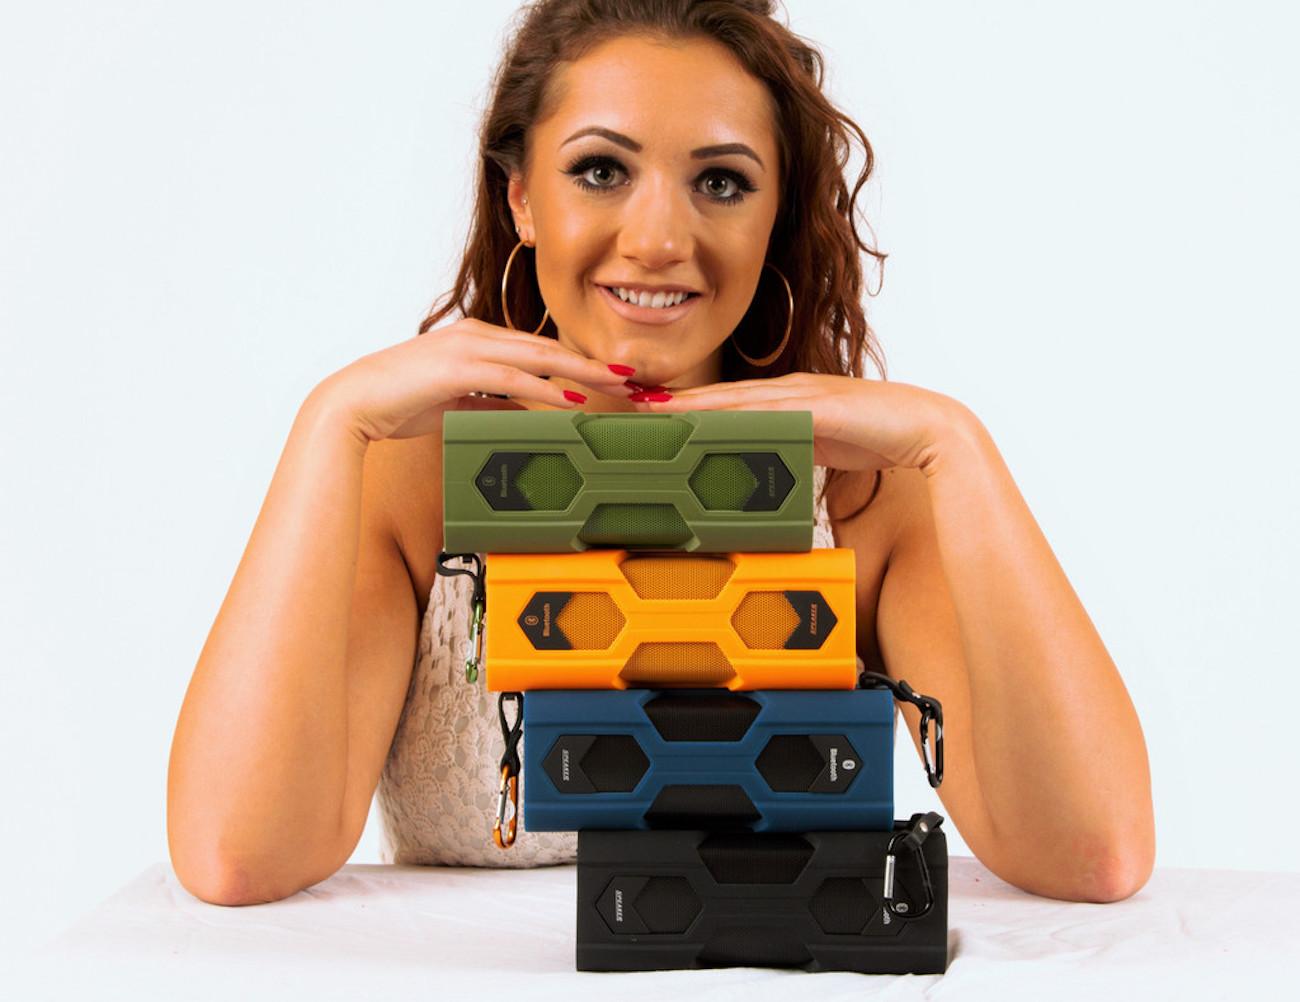 sound-monkey-audio-rugged-bluetooth-speaker-02